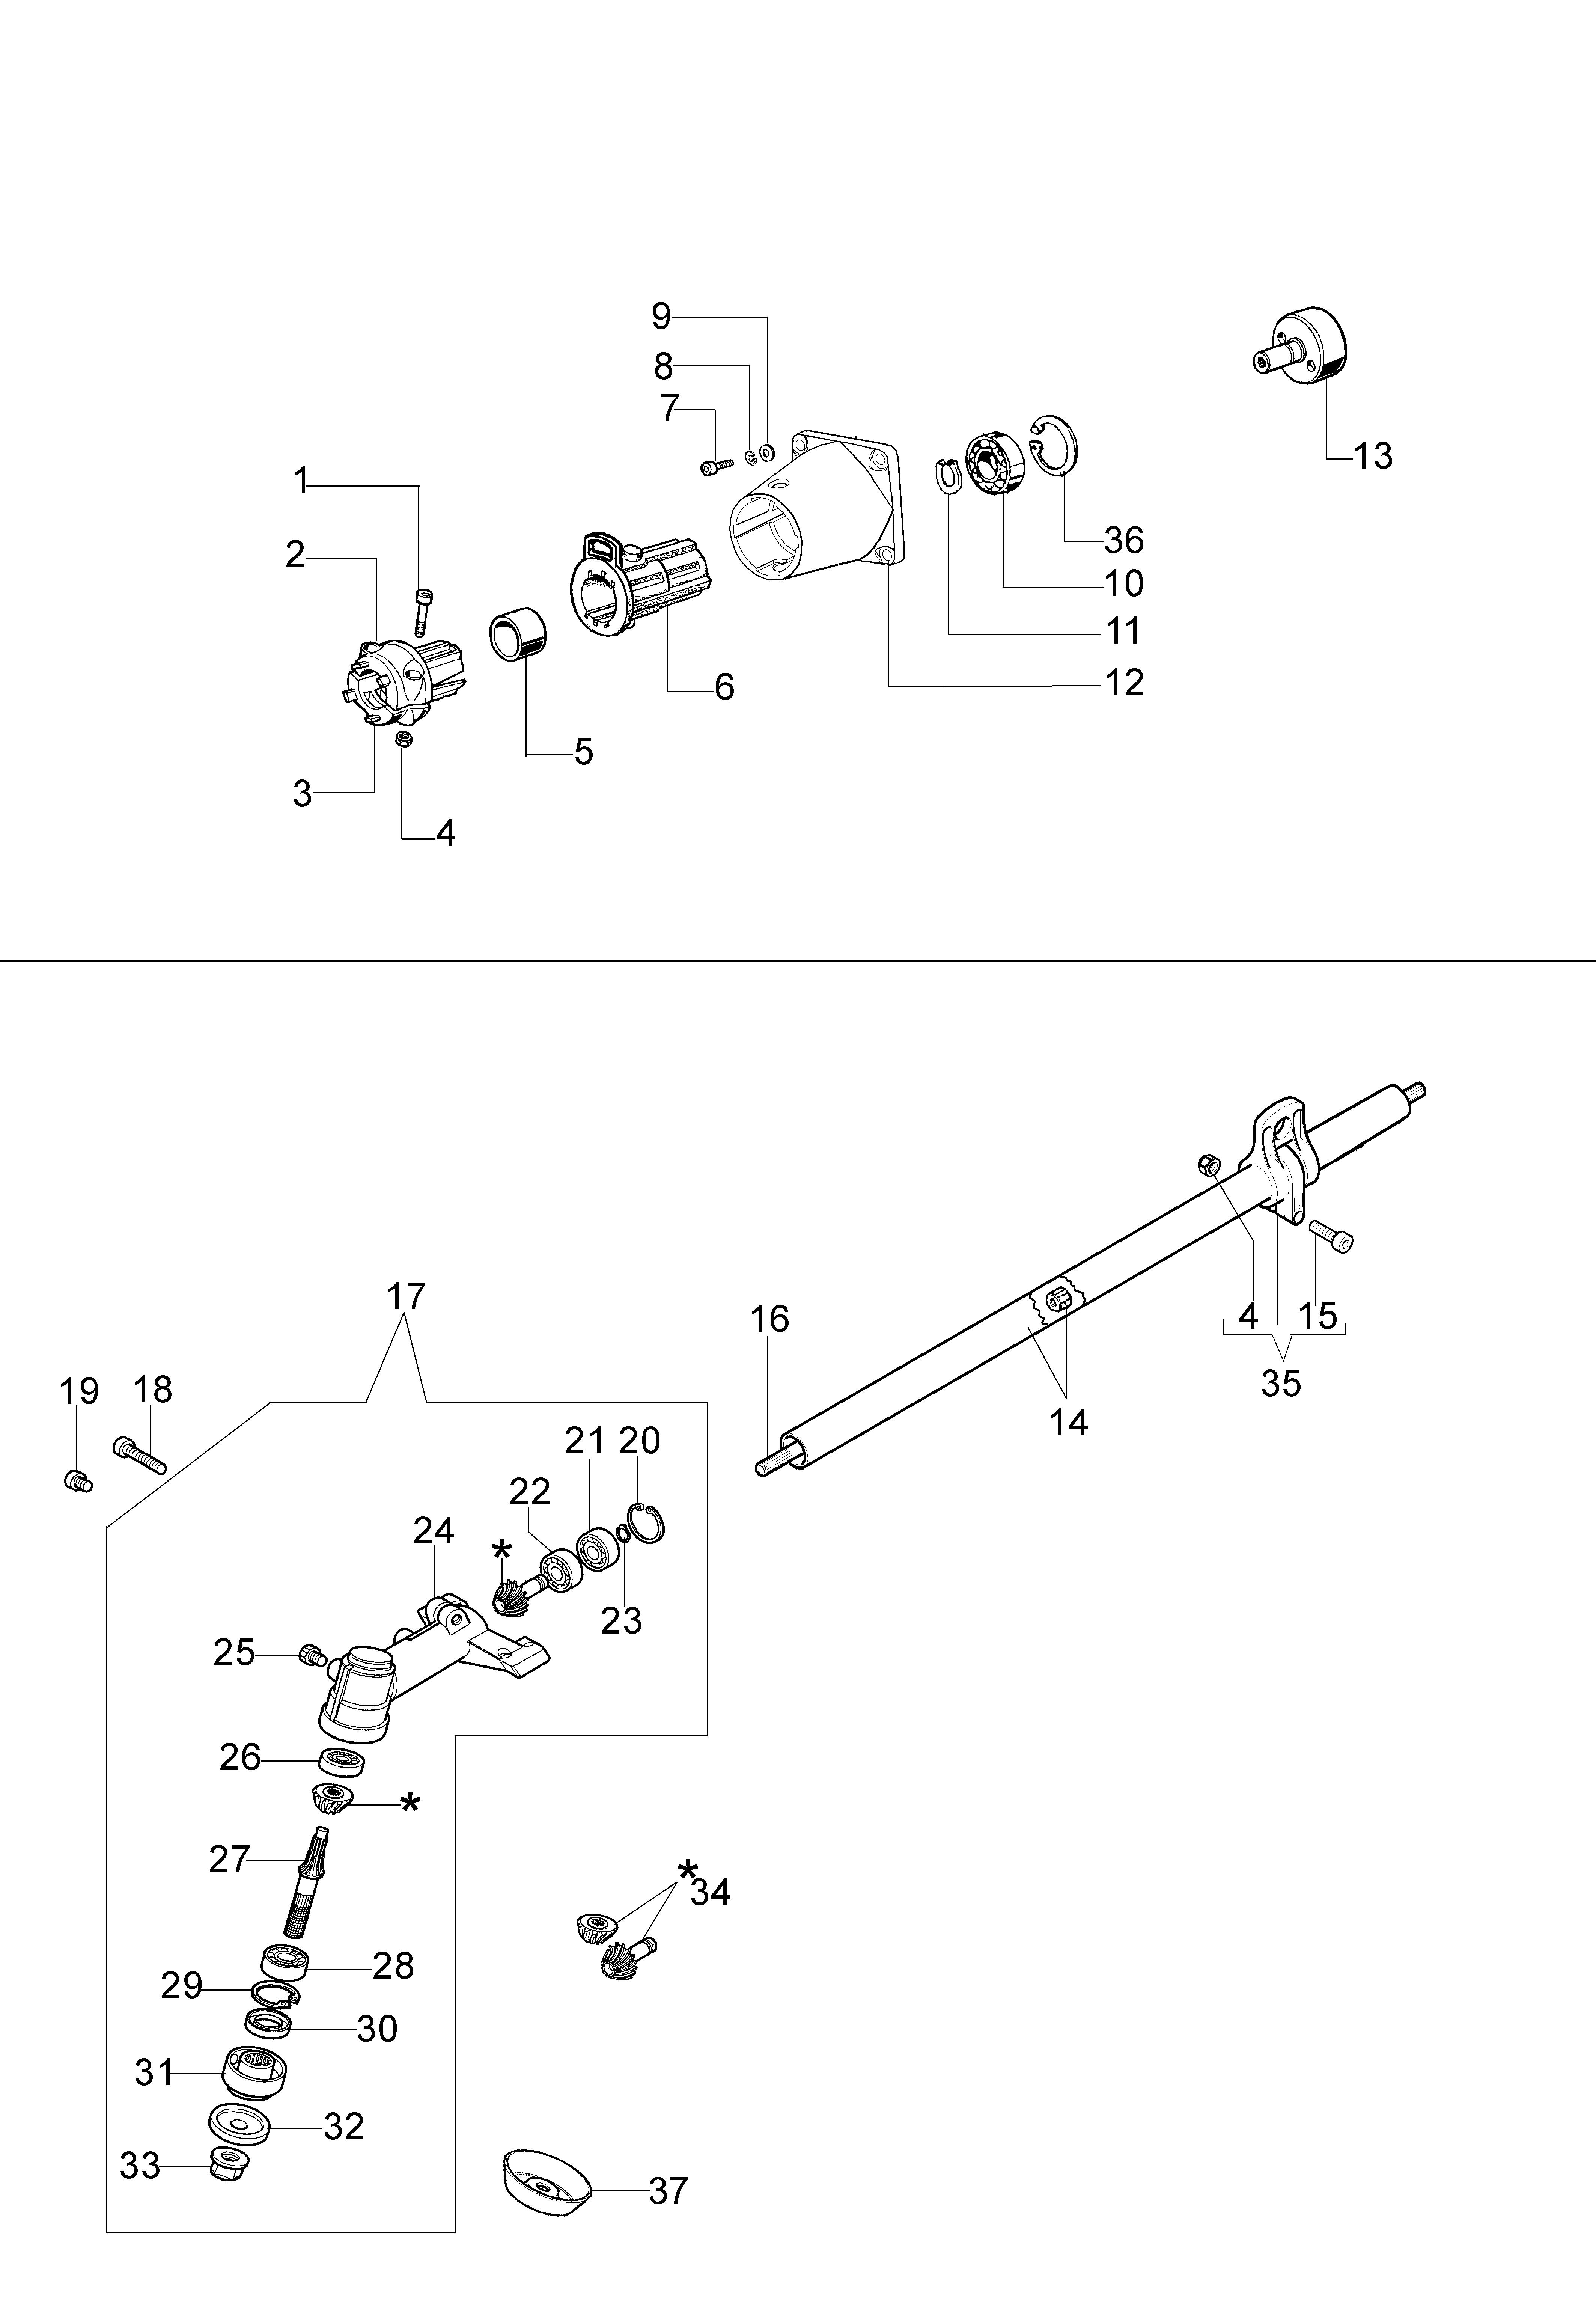 BC 260 4S Débroussailleuse OLEOMAC Dessins pièces vue éclatée Transmission